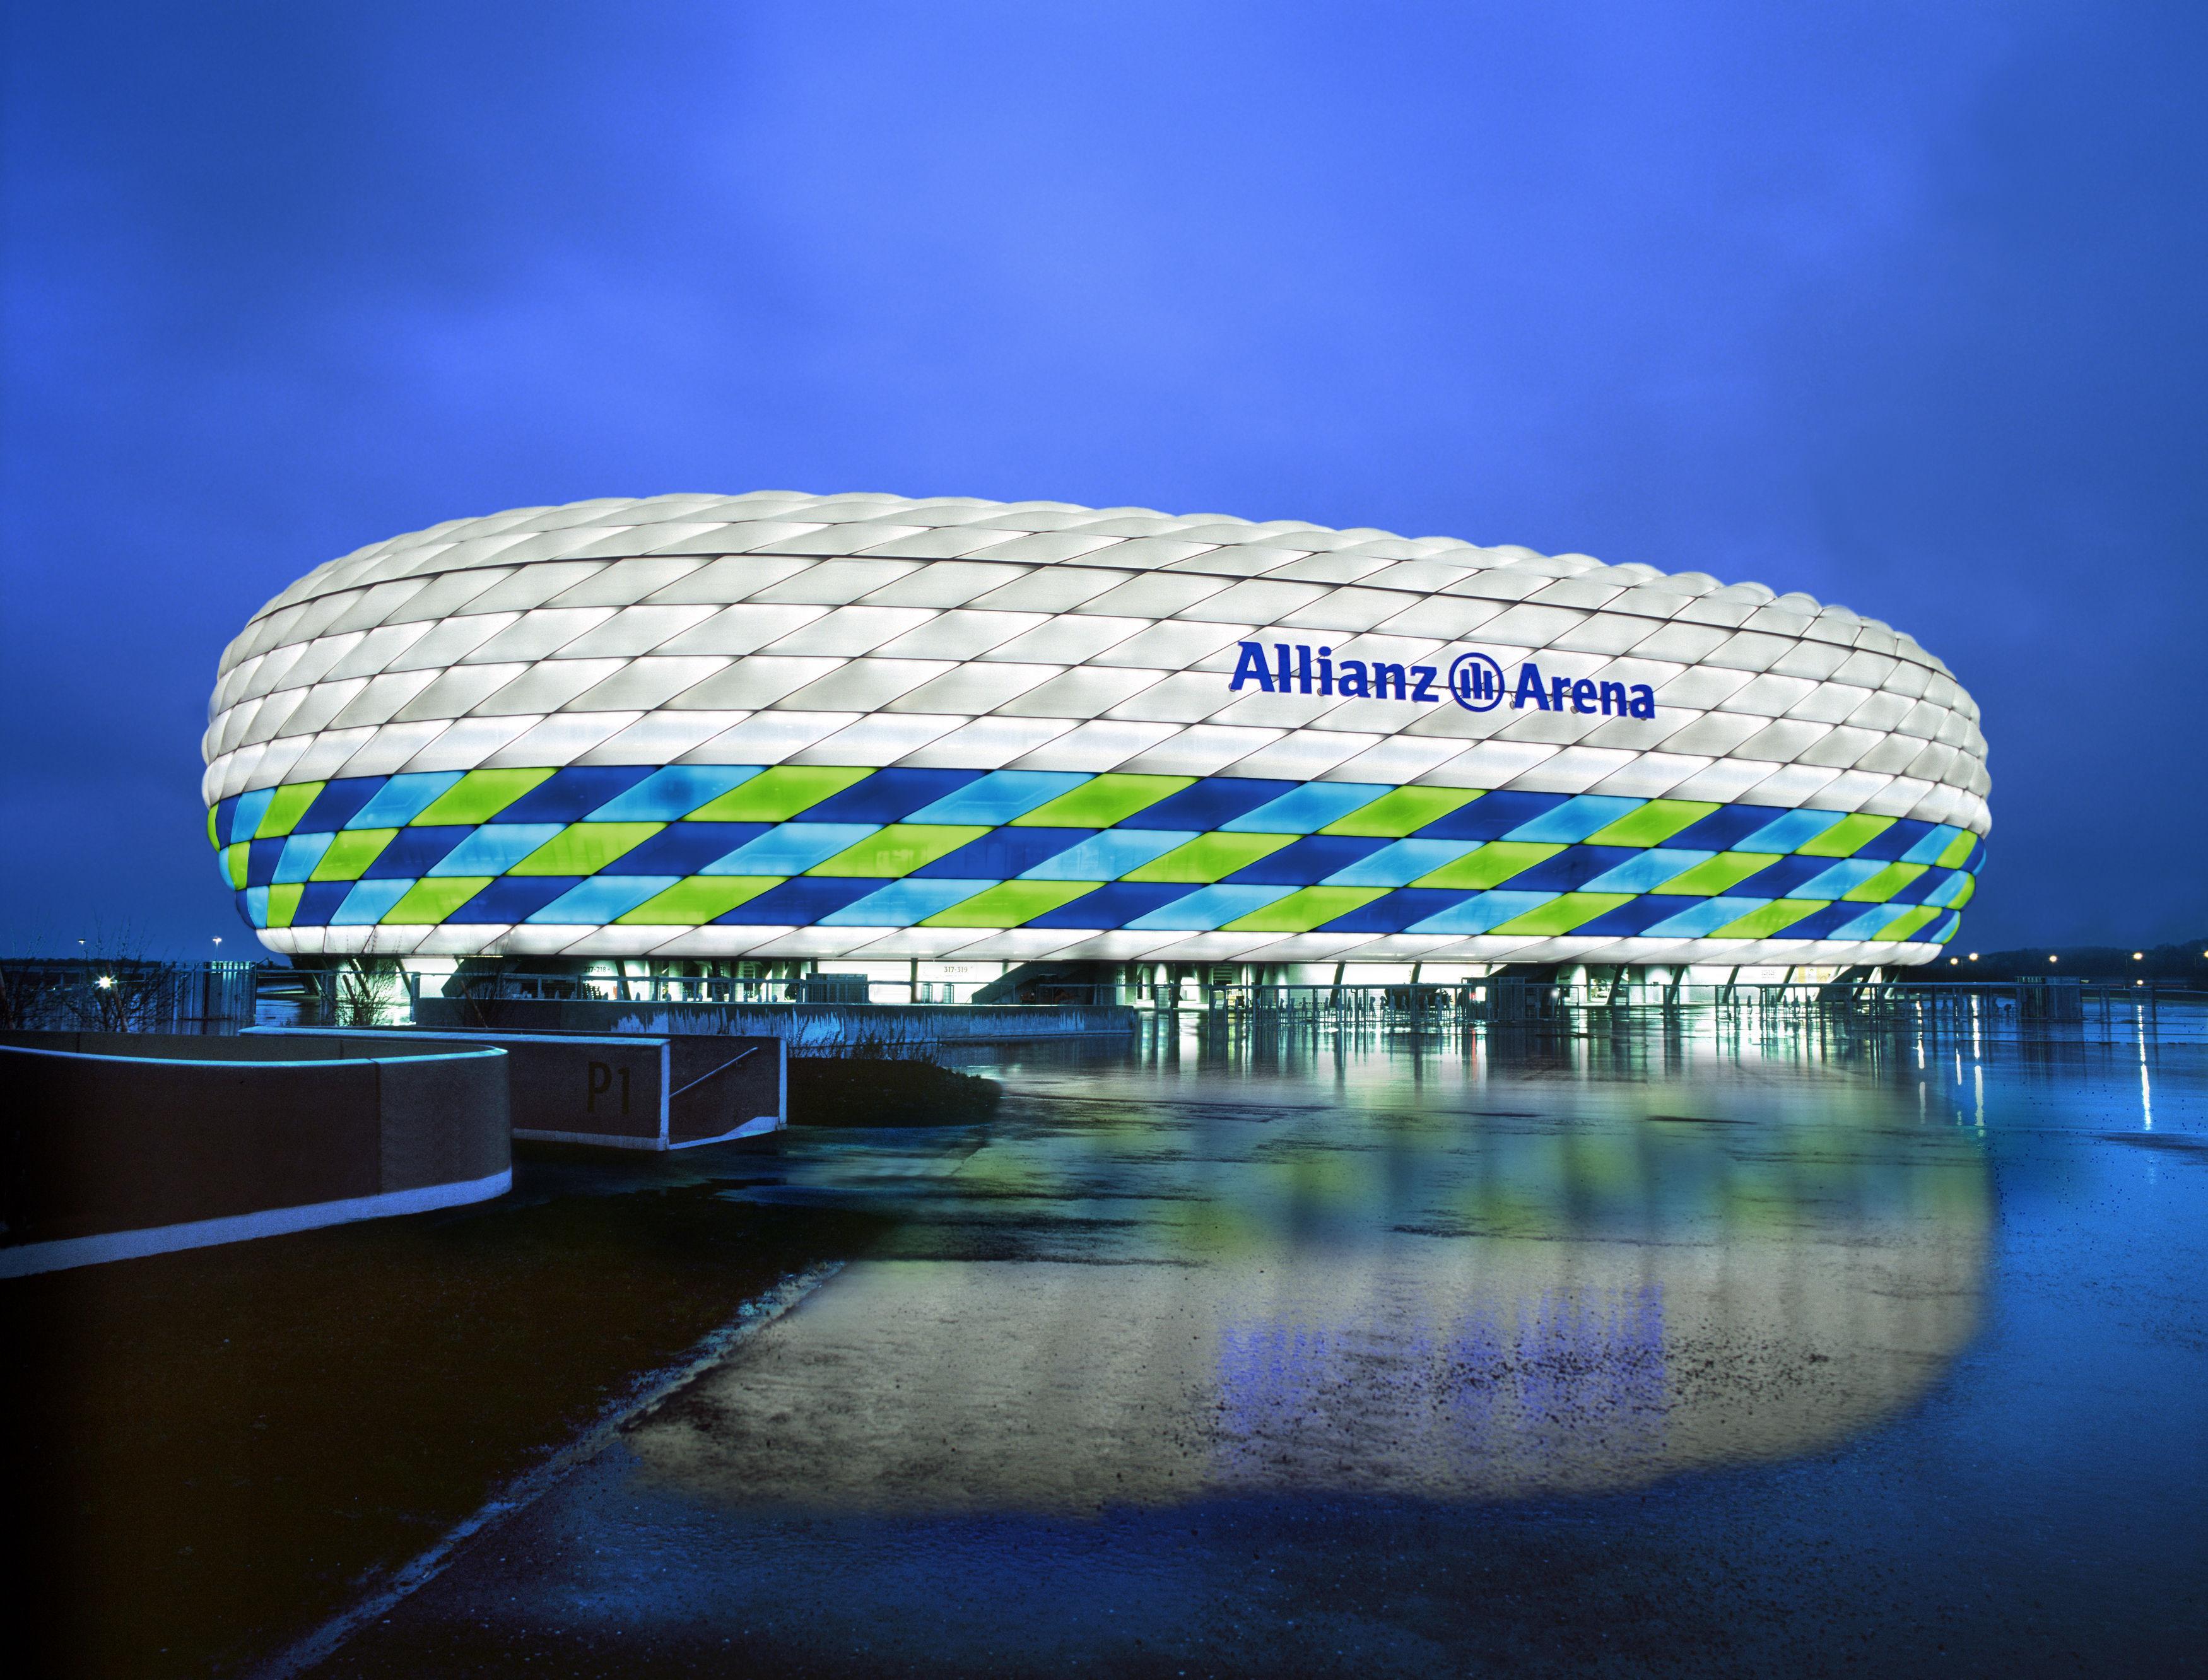 ¿Quién juega en el Allianz Arena?